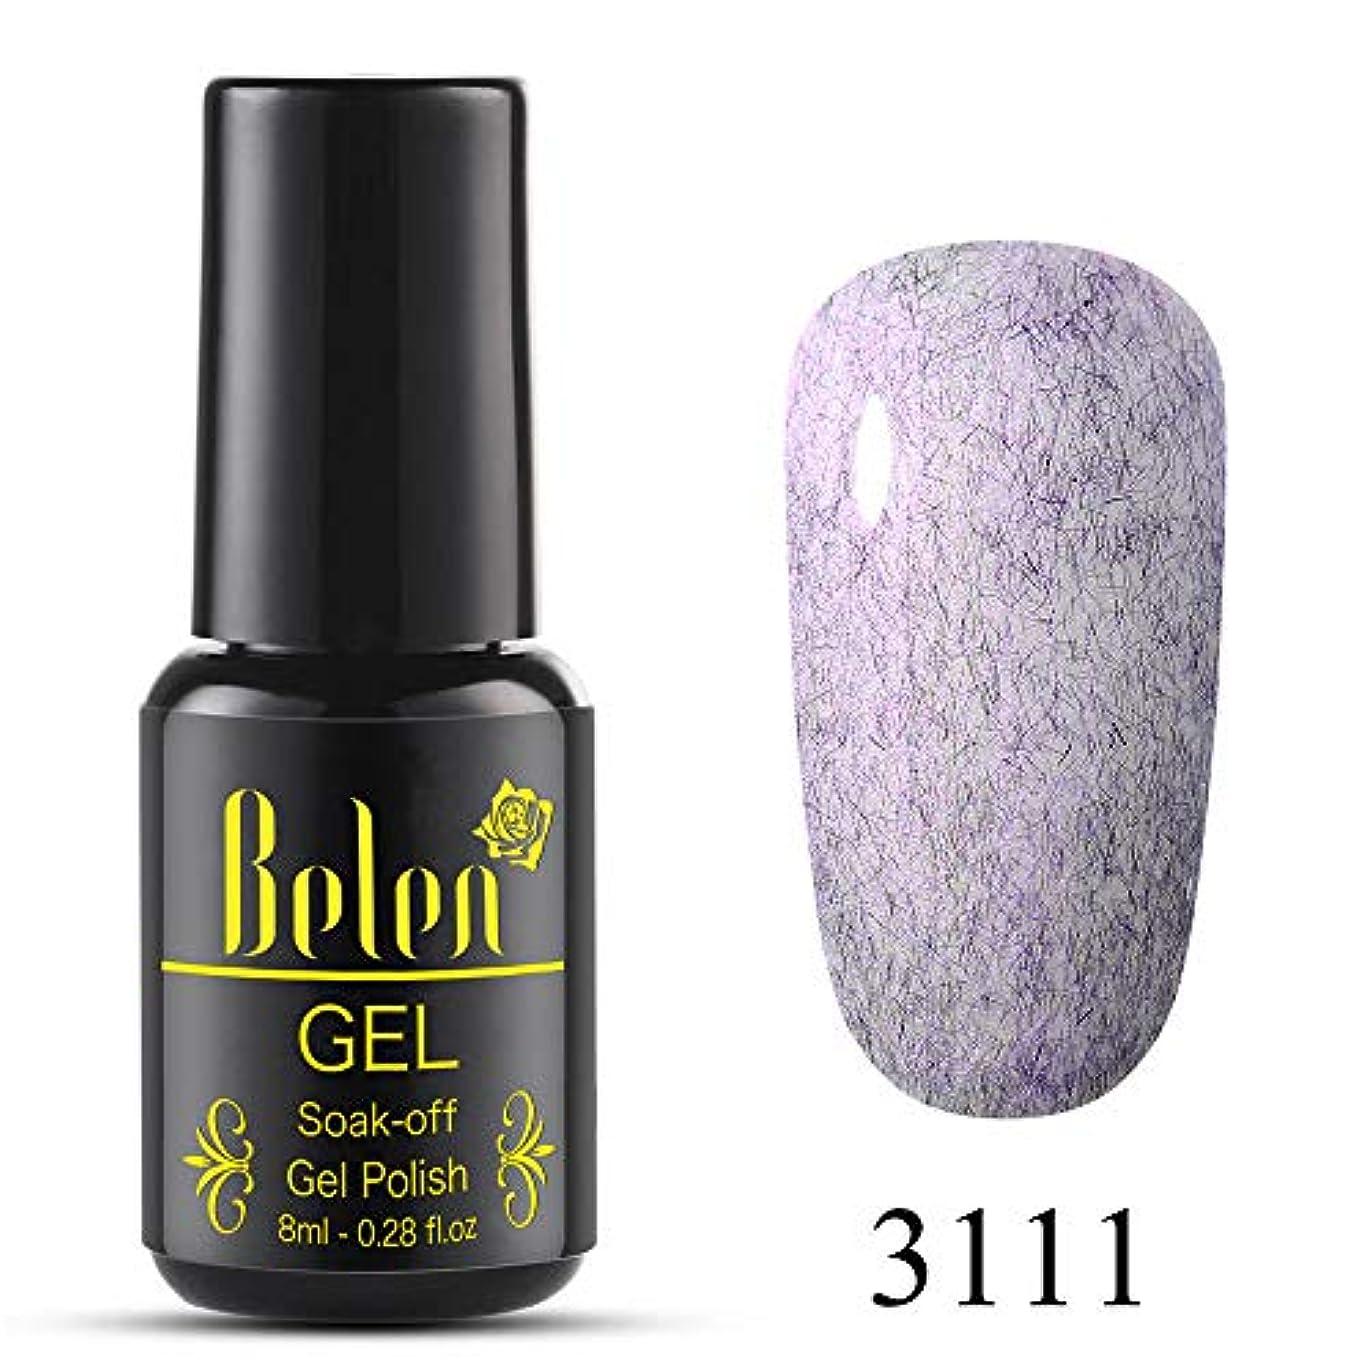 キロメートル競争力のある小売Belen ジェルネイル カラージェル 貝殻毛皮系 1色入り 8ml【全12色選択可】